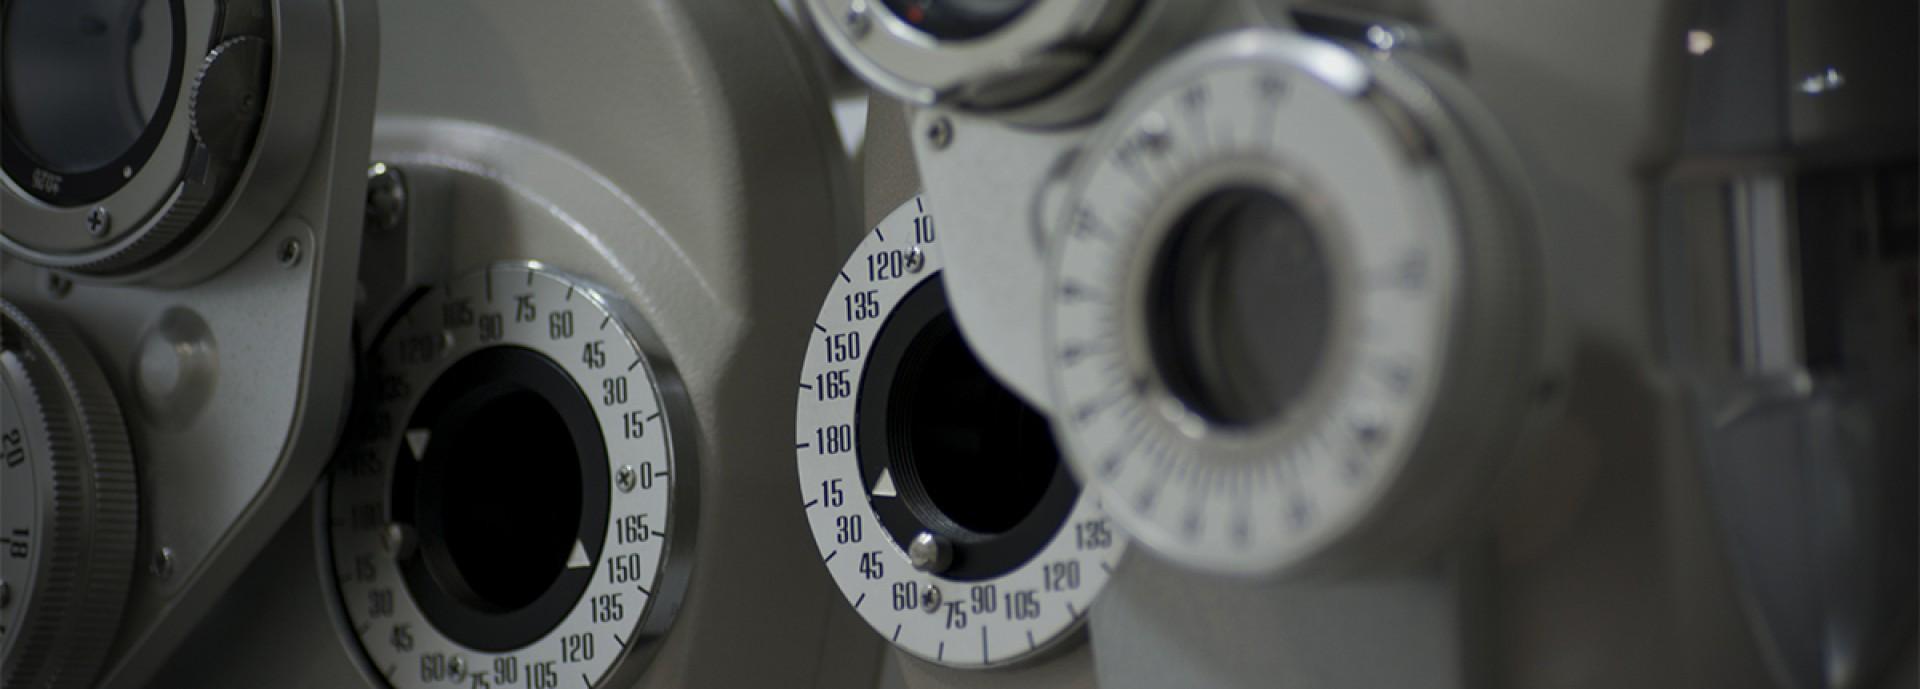 Óptica Optilent Arganda – Óptica – Optometría – Gafas – Lentillas – OrtoK